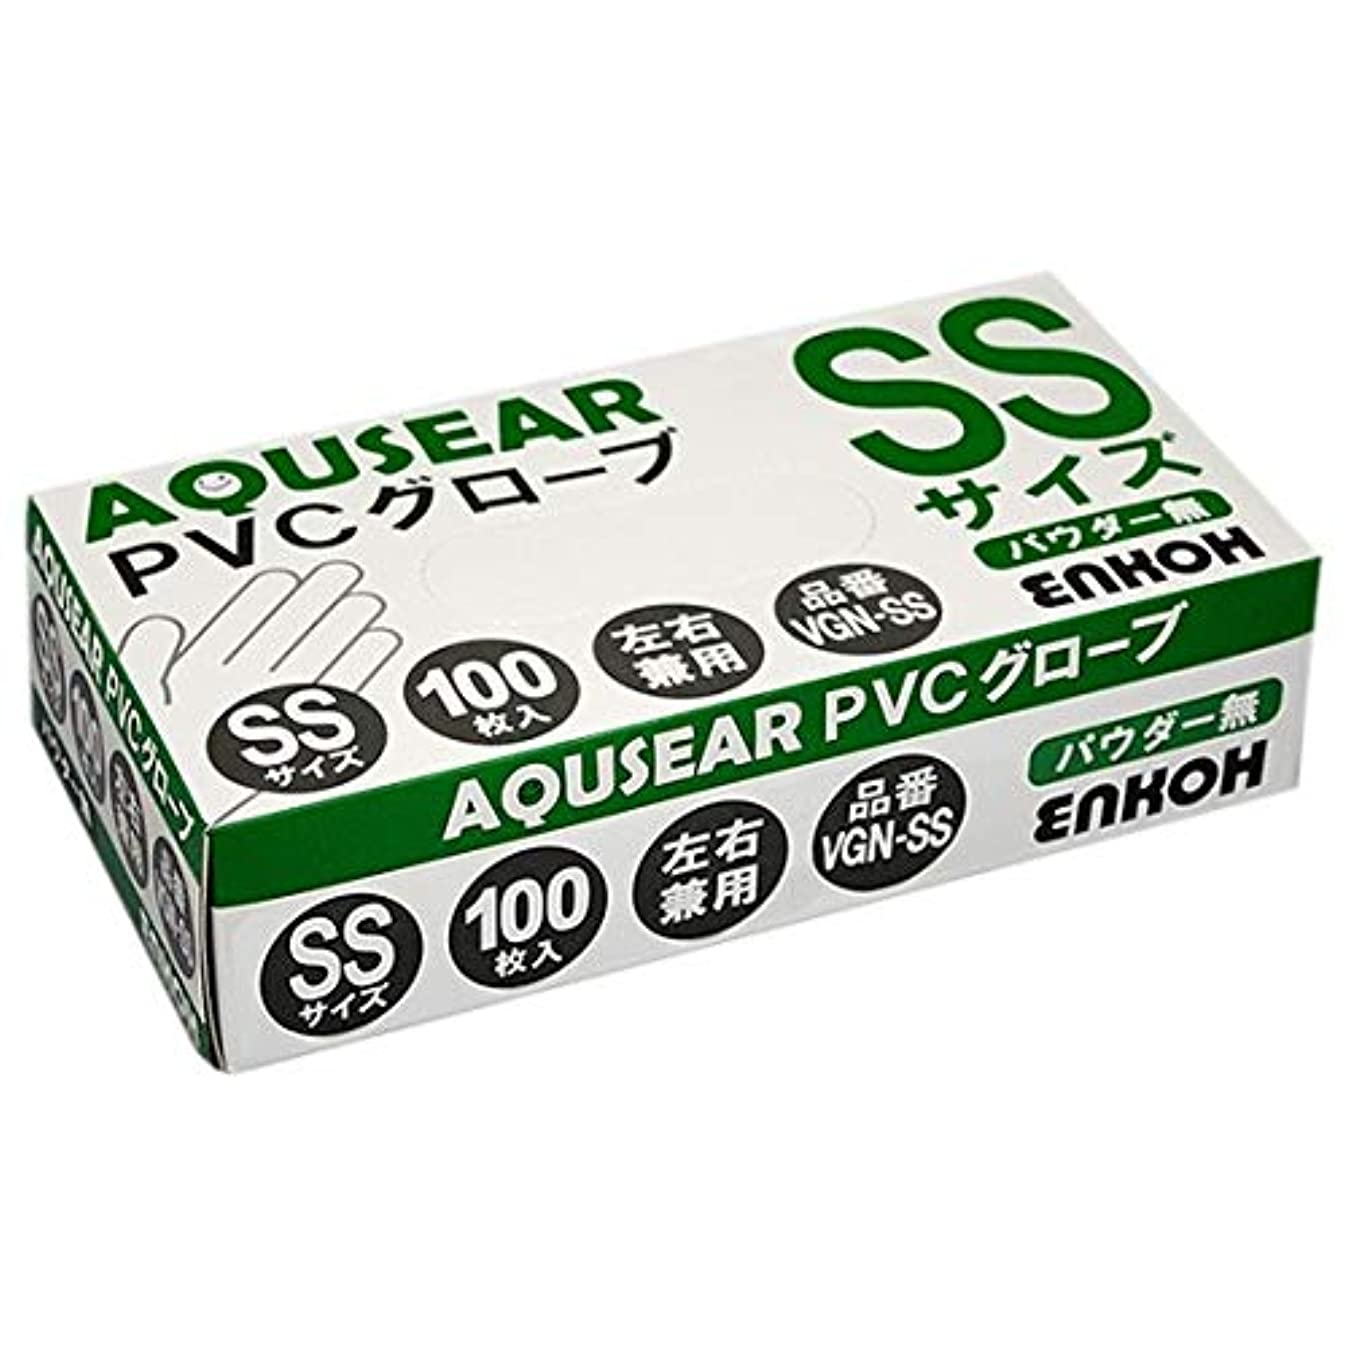 断言するはさみ分配しますAQUSEAR PVC プラスチックグローブ SSサイズ パウダー無 VGN-SS 100枚×20箱